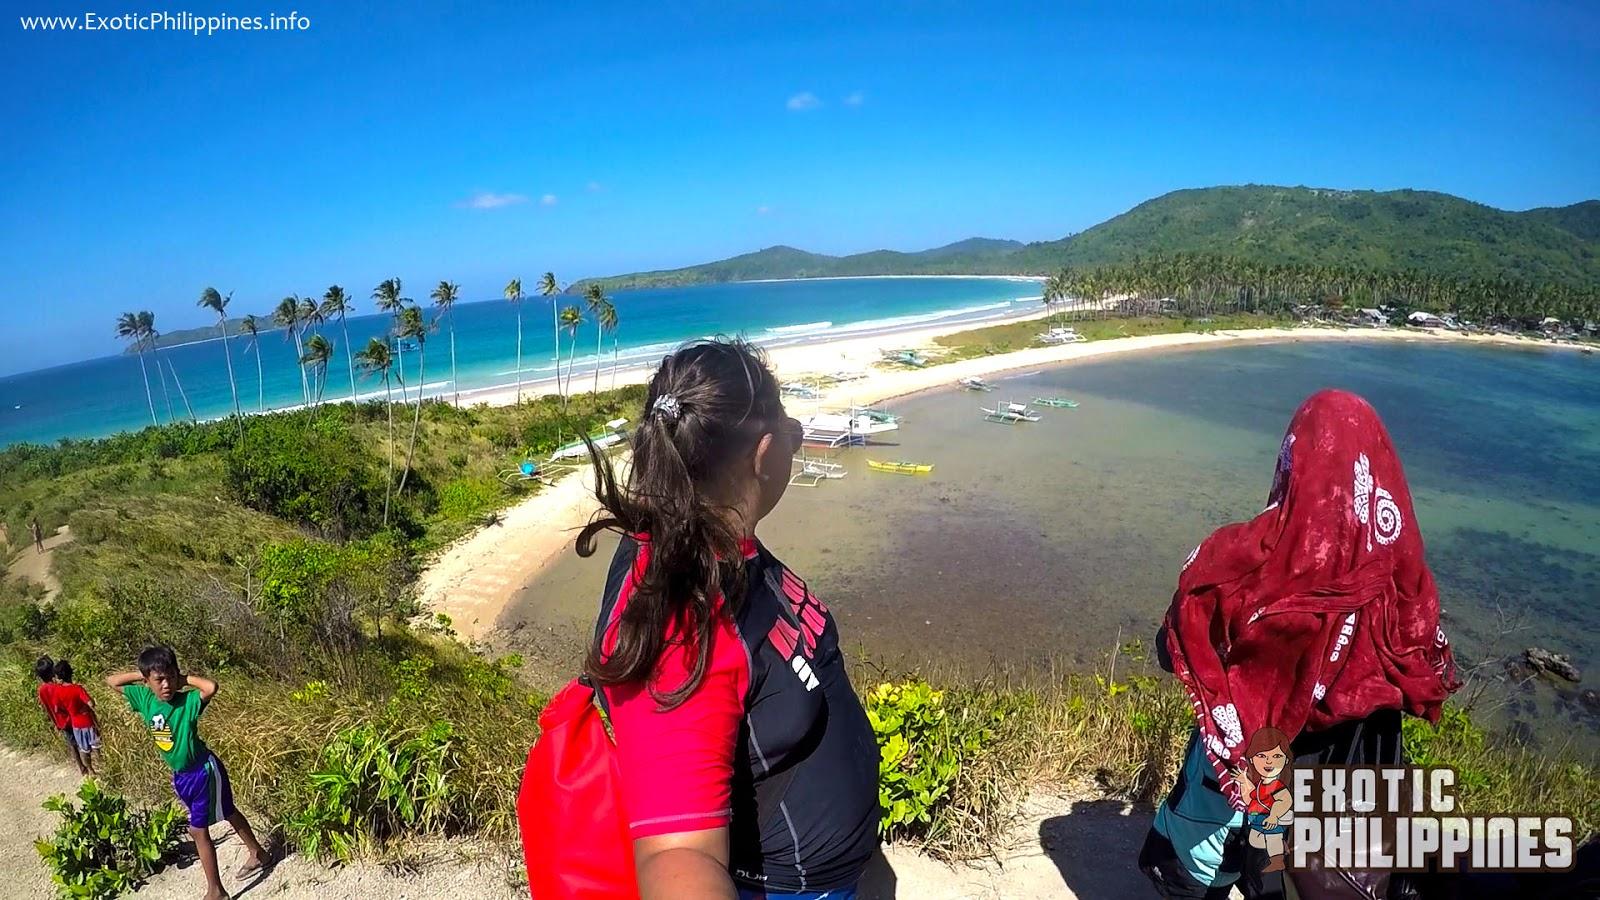 Nacpan Beach and Calitang Beach El Nido Twin Beach Palawan Exotic Philippines Travel Blogger Blog Vlogger